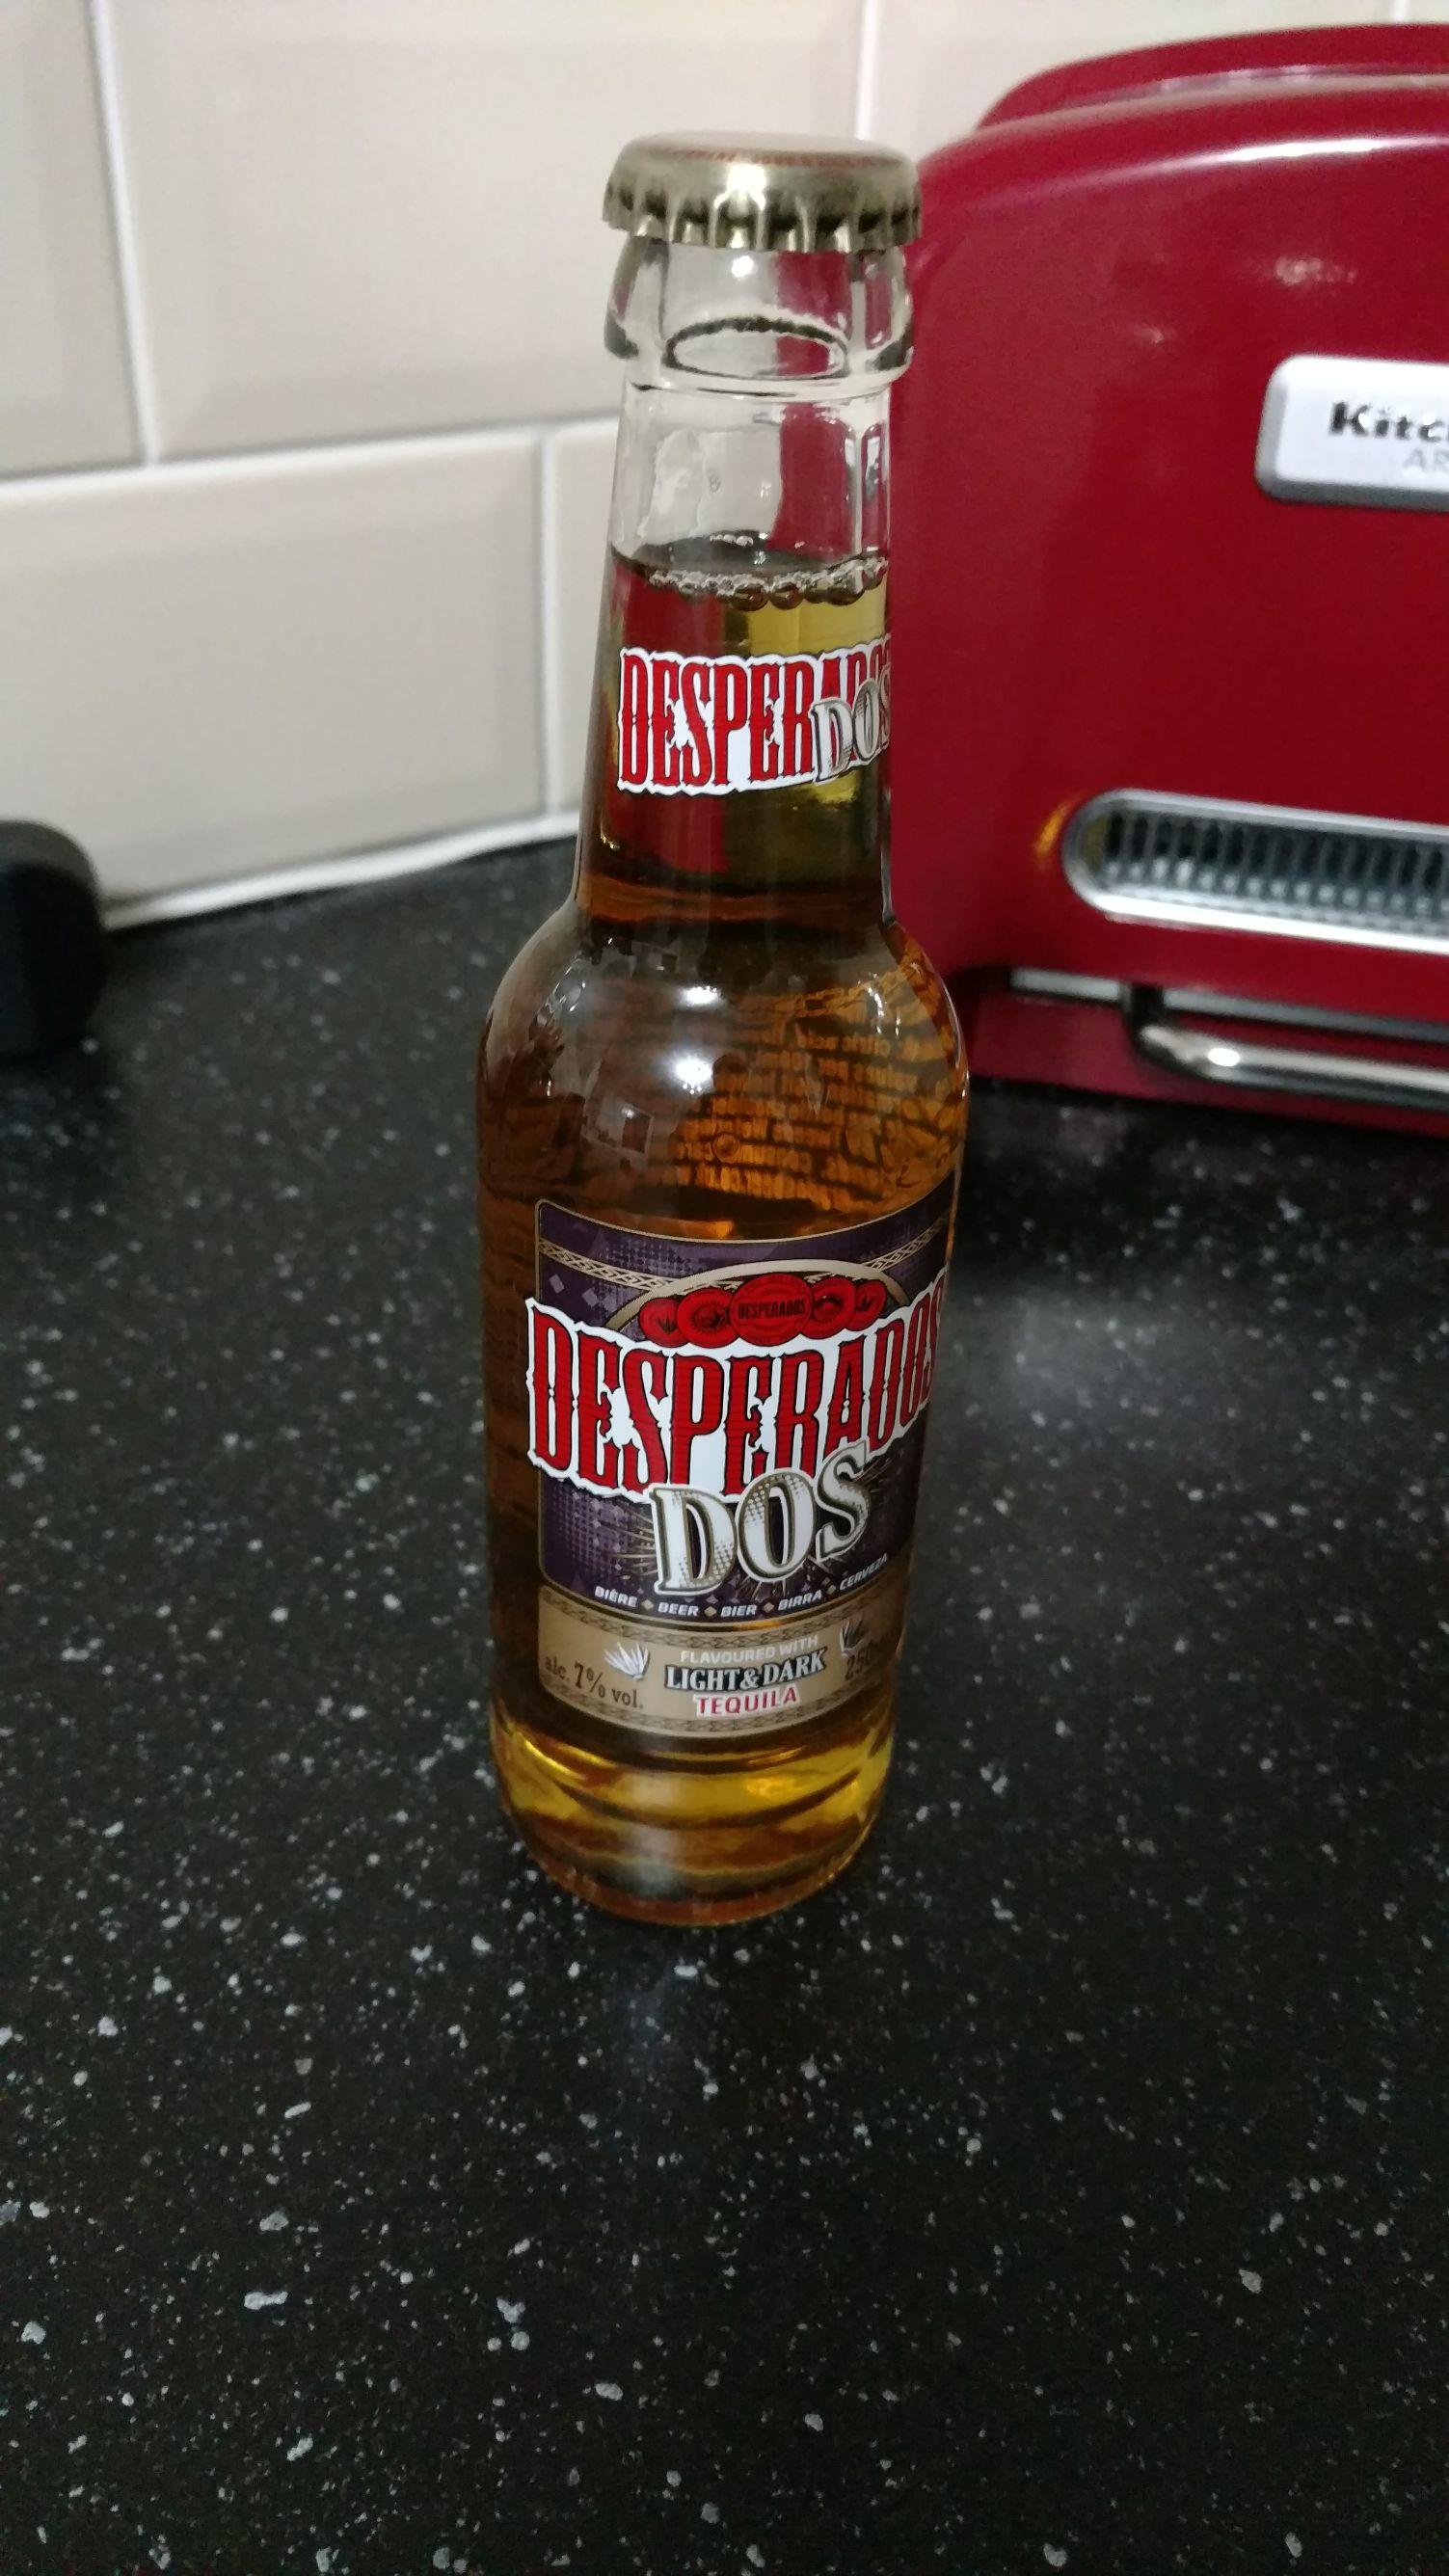 Desperados DOS 7% alcohol. 250ml 69p @ Home Bargains